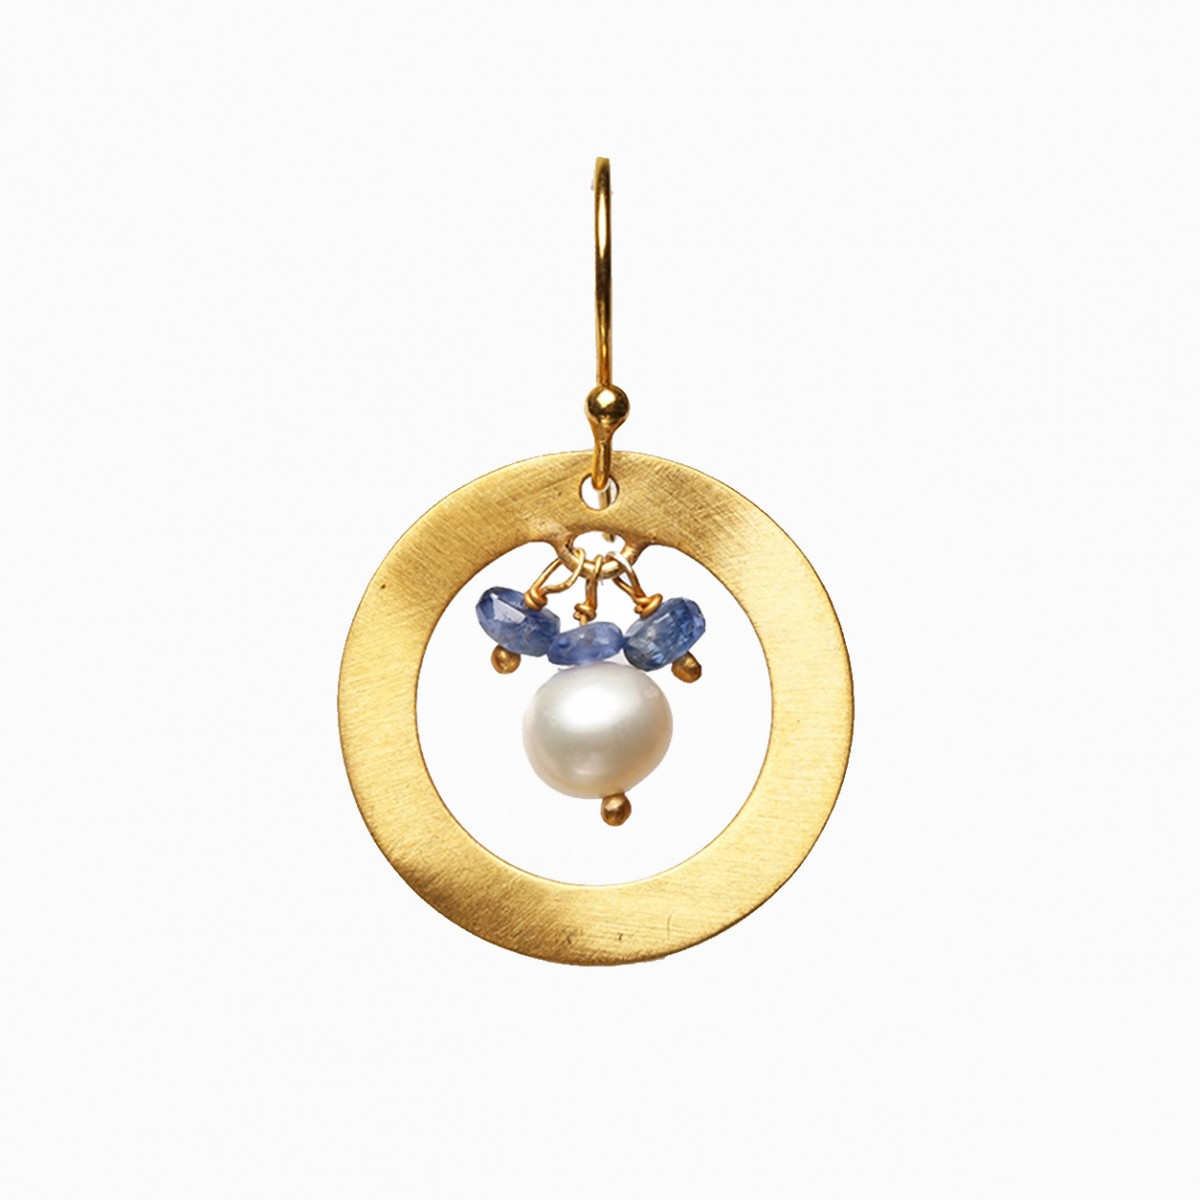 Gemstone Earrings - Kyanite and Pearl